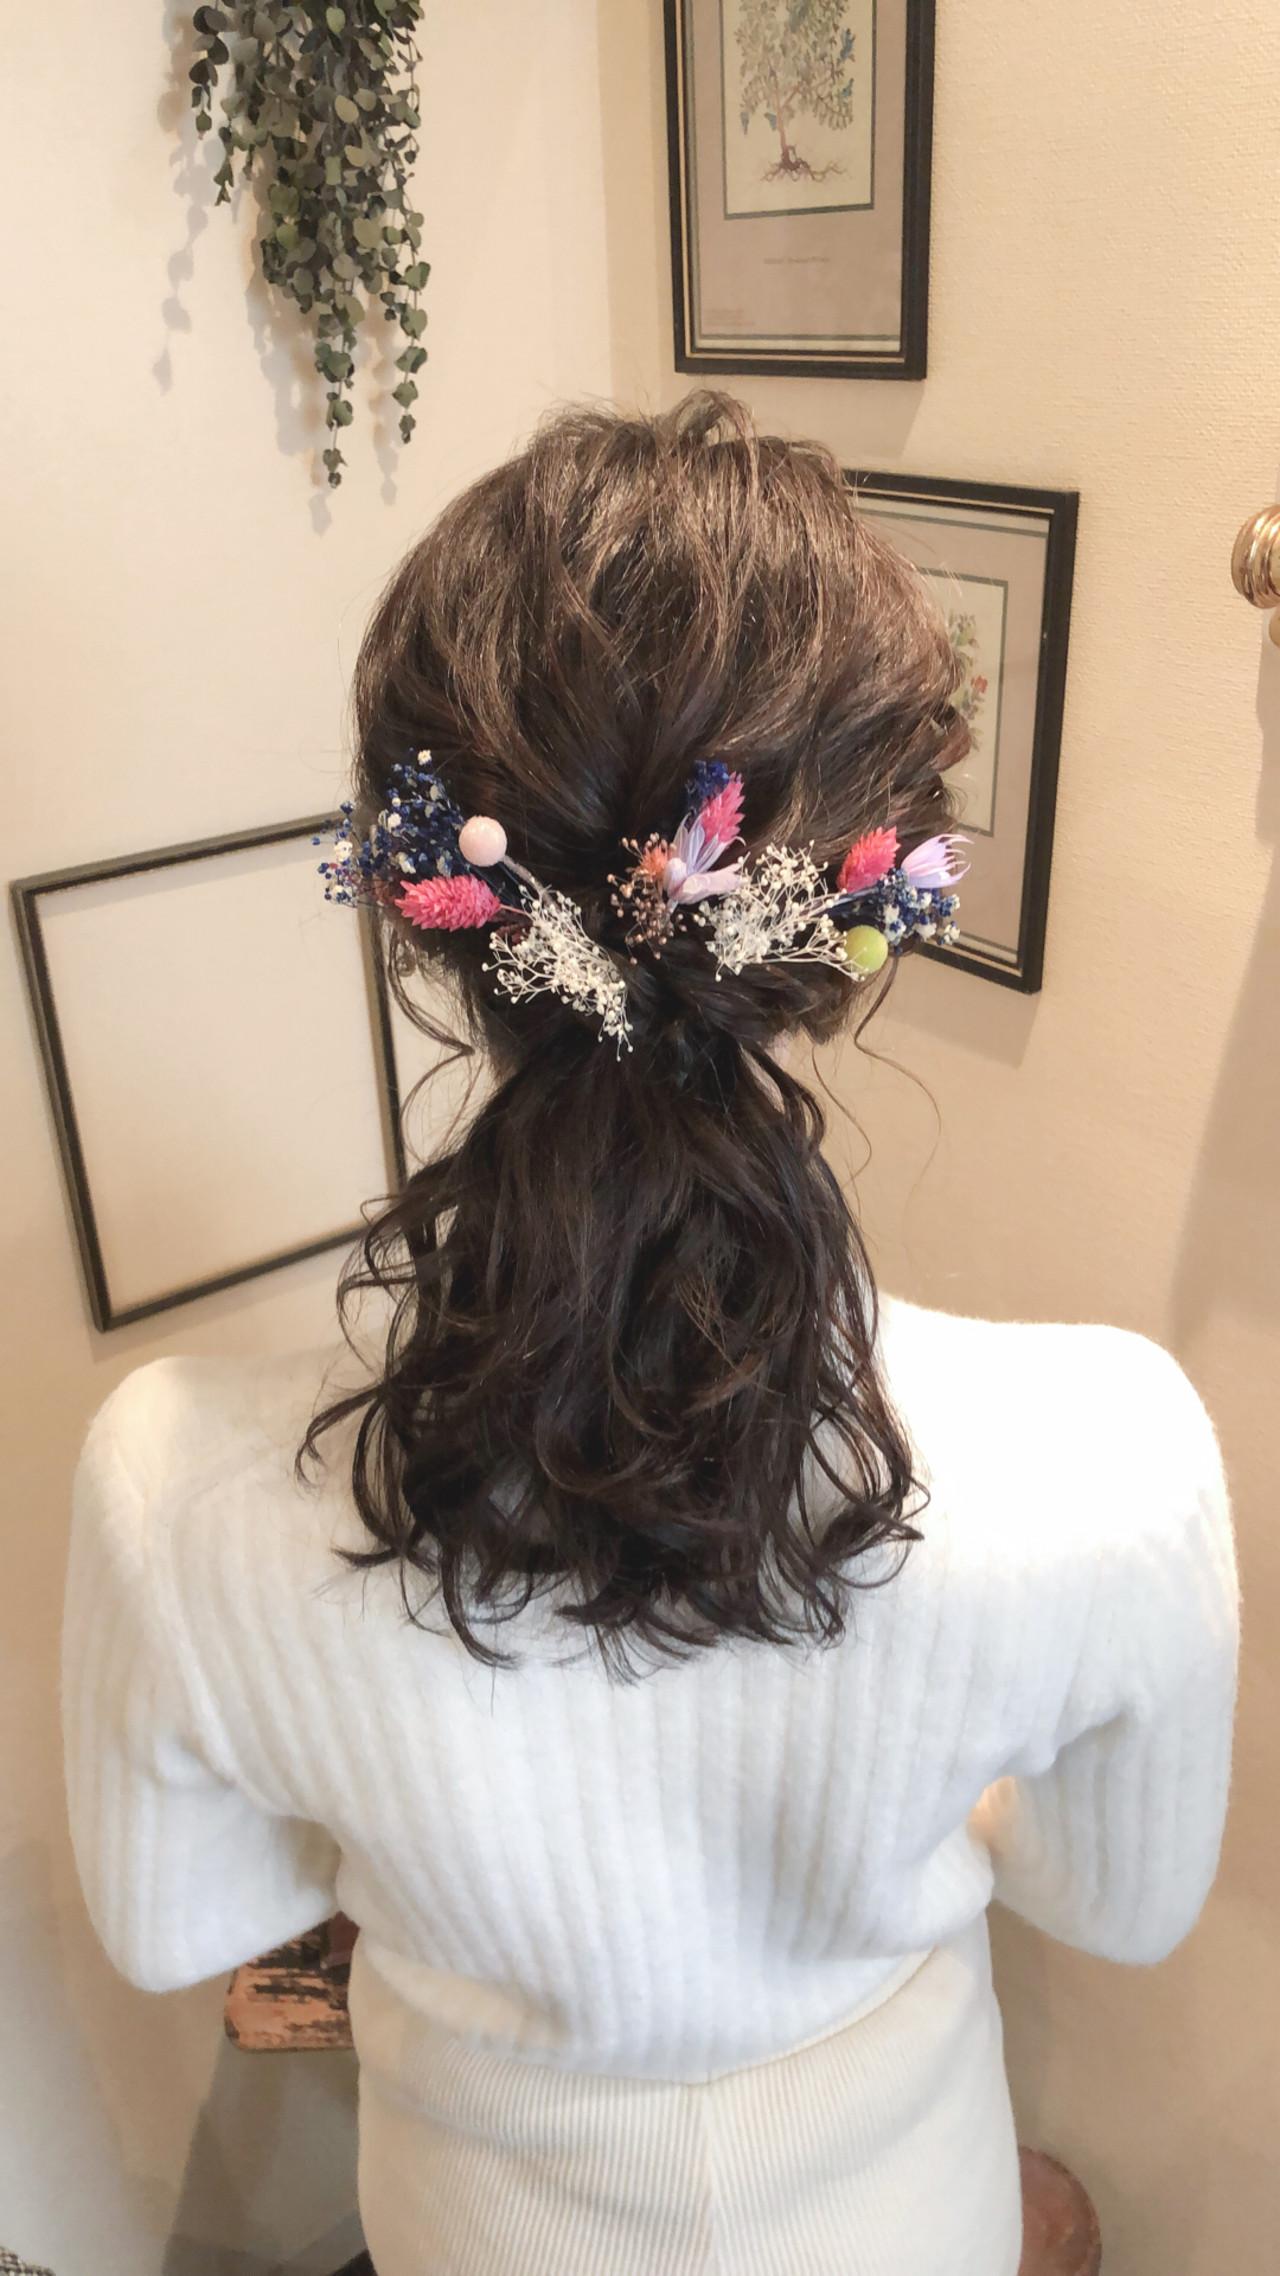 セミロング ハーフアップ ヘアアレンジ フェミニン ヘアスタイルや髪型の写真・画像